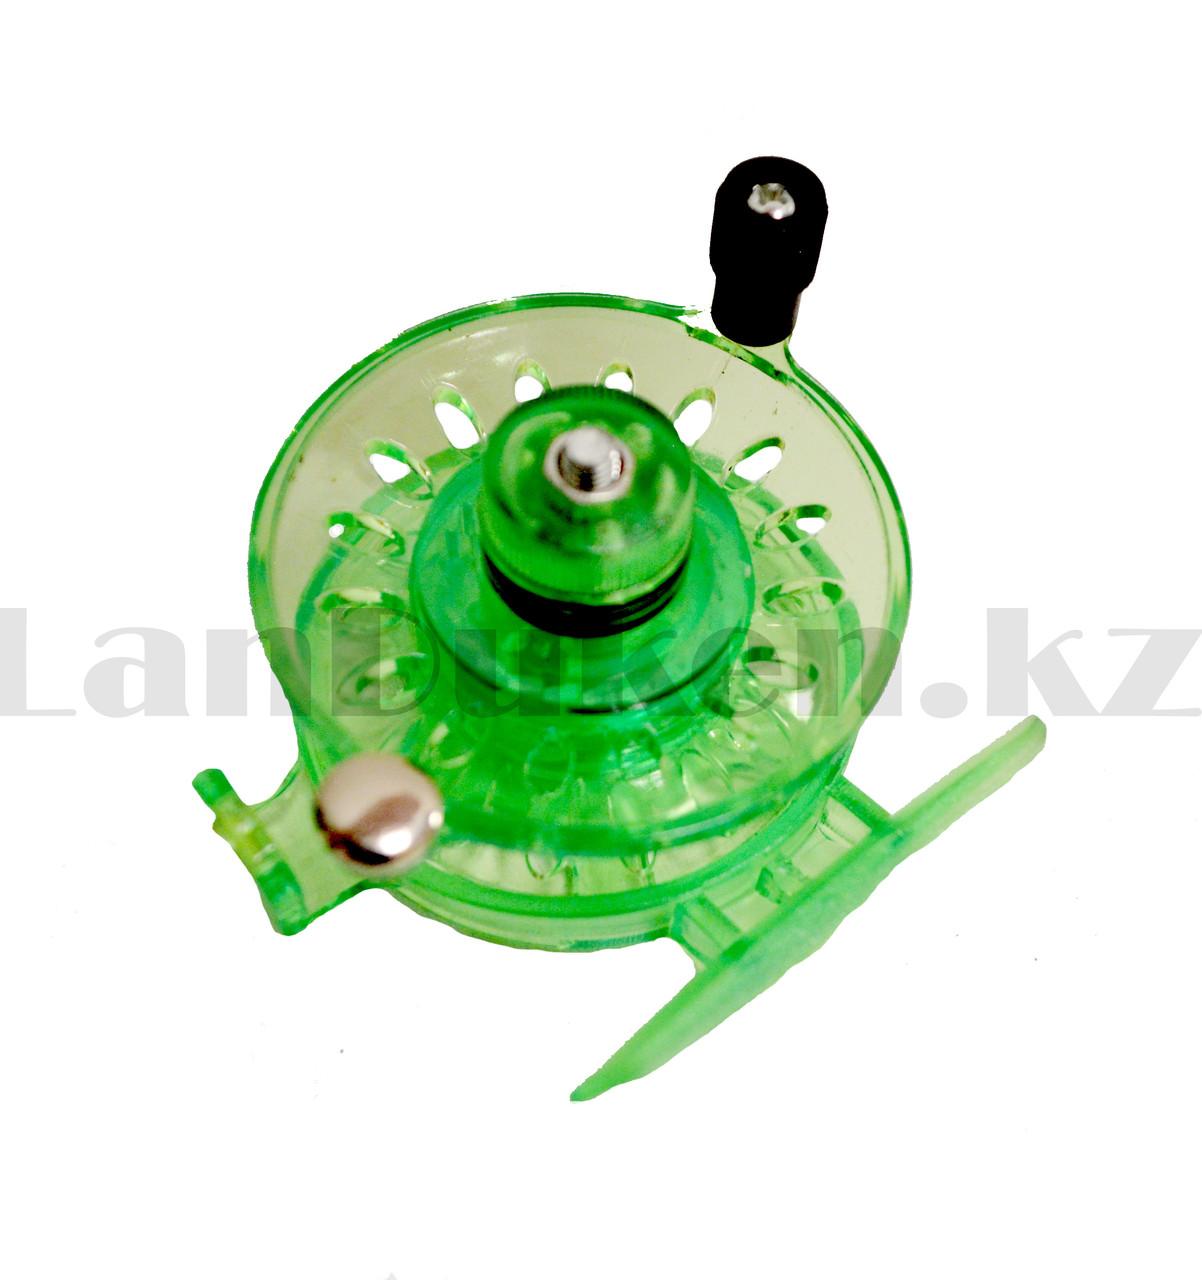 Инерционная катушка с направителем для лески для удочки металлическая зеленая - фото 4